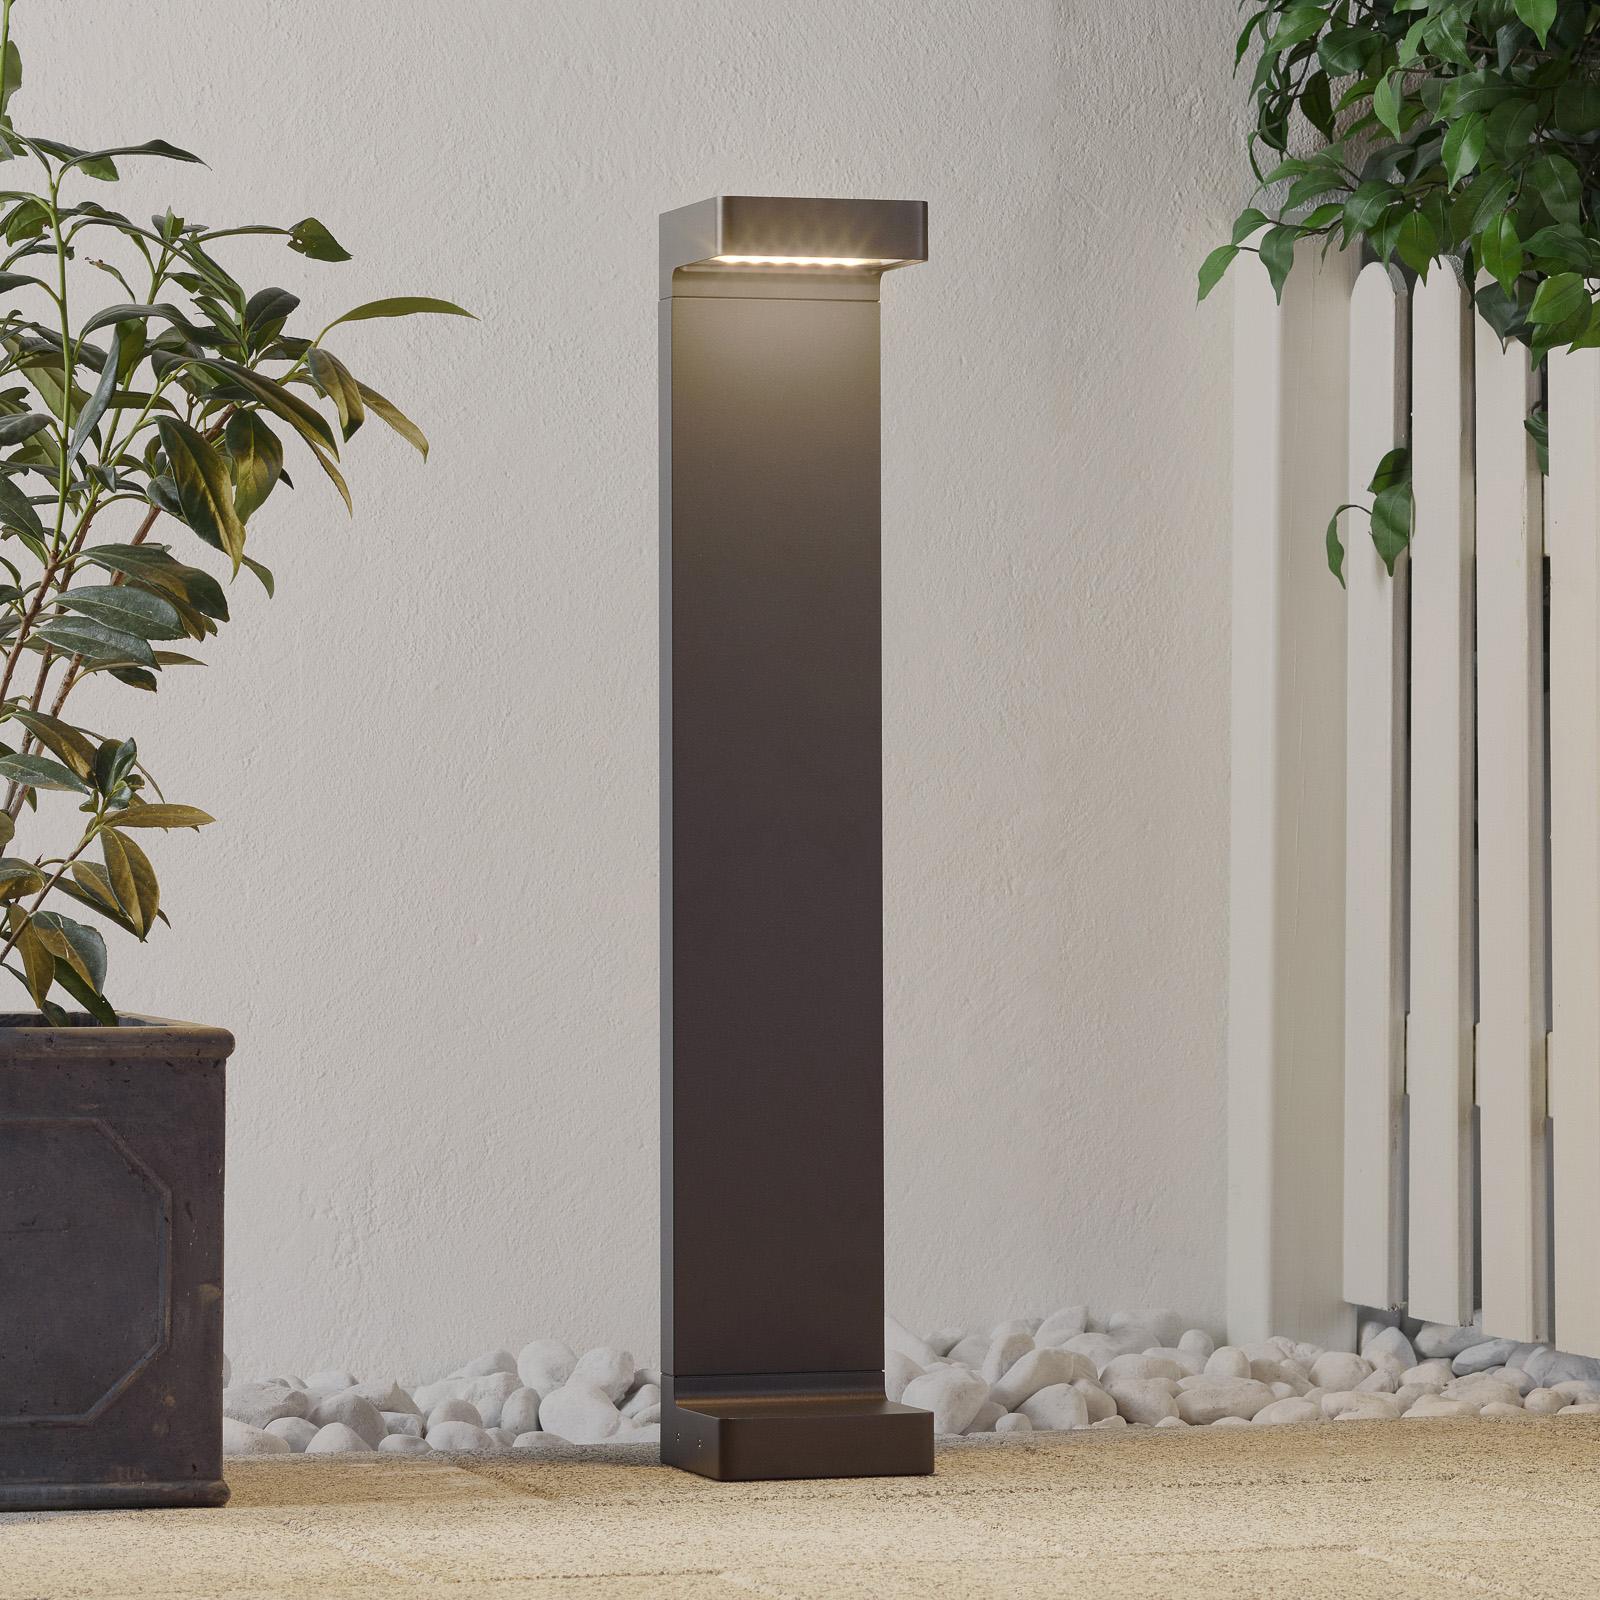 Flos Casting C150 LED-veilampe, 85 cm, 3000 K